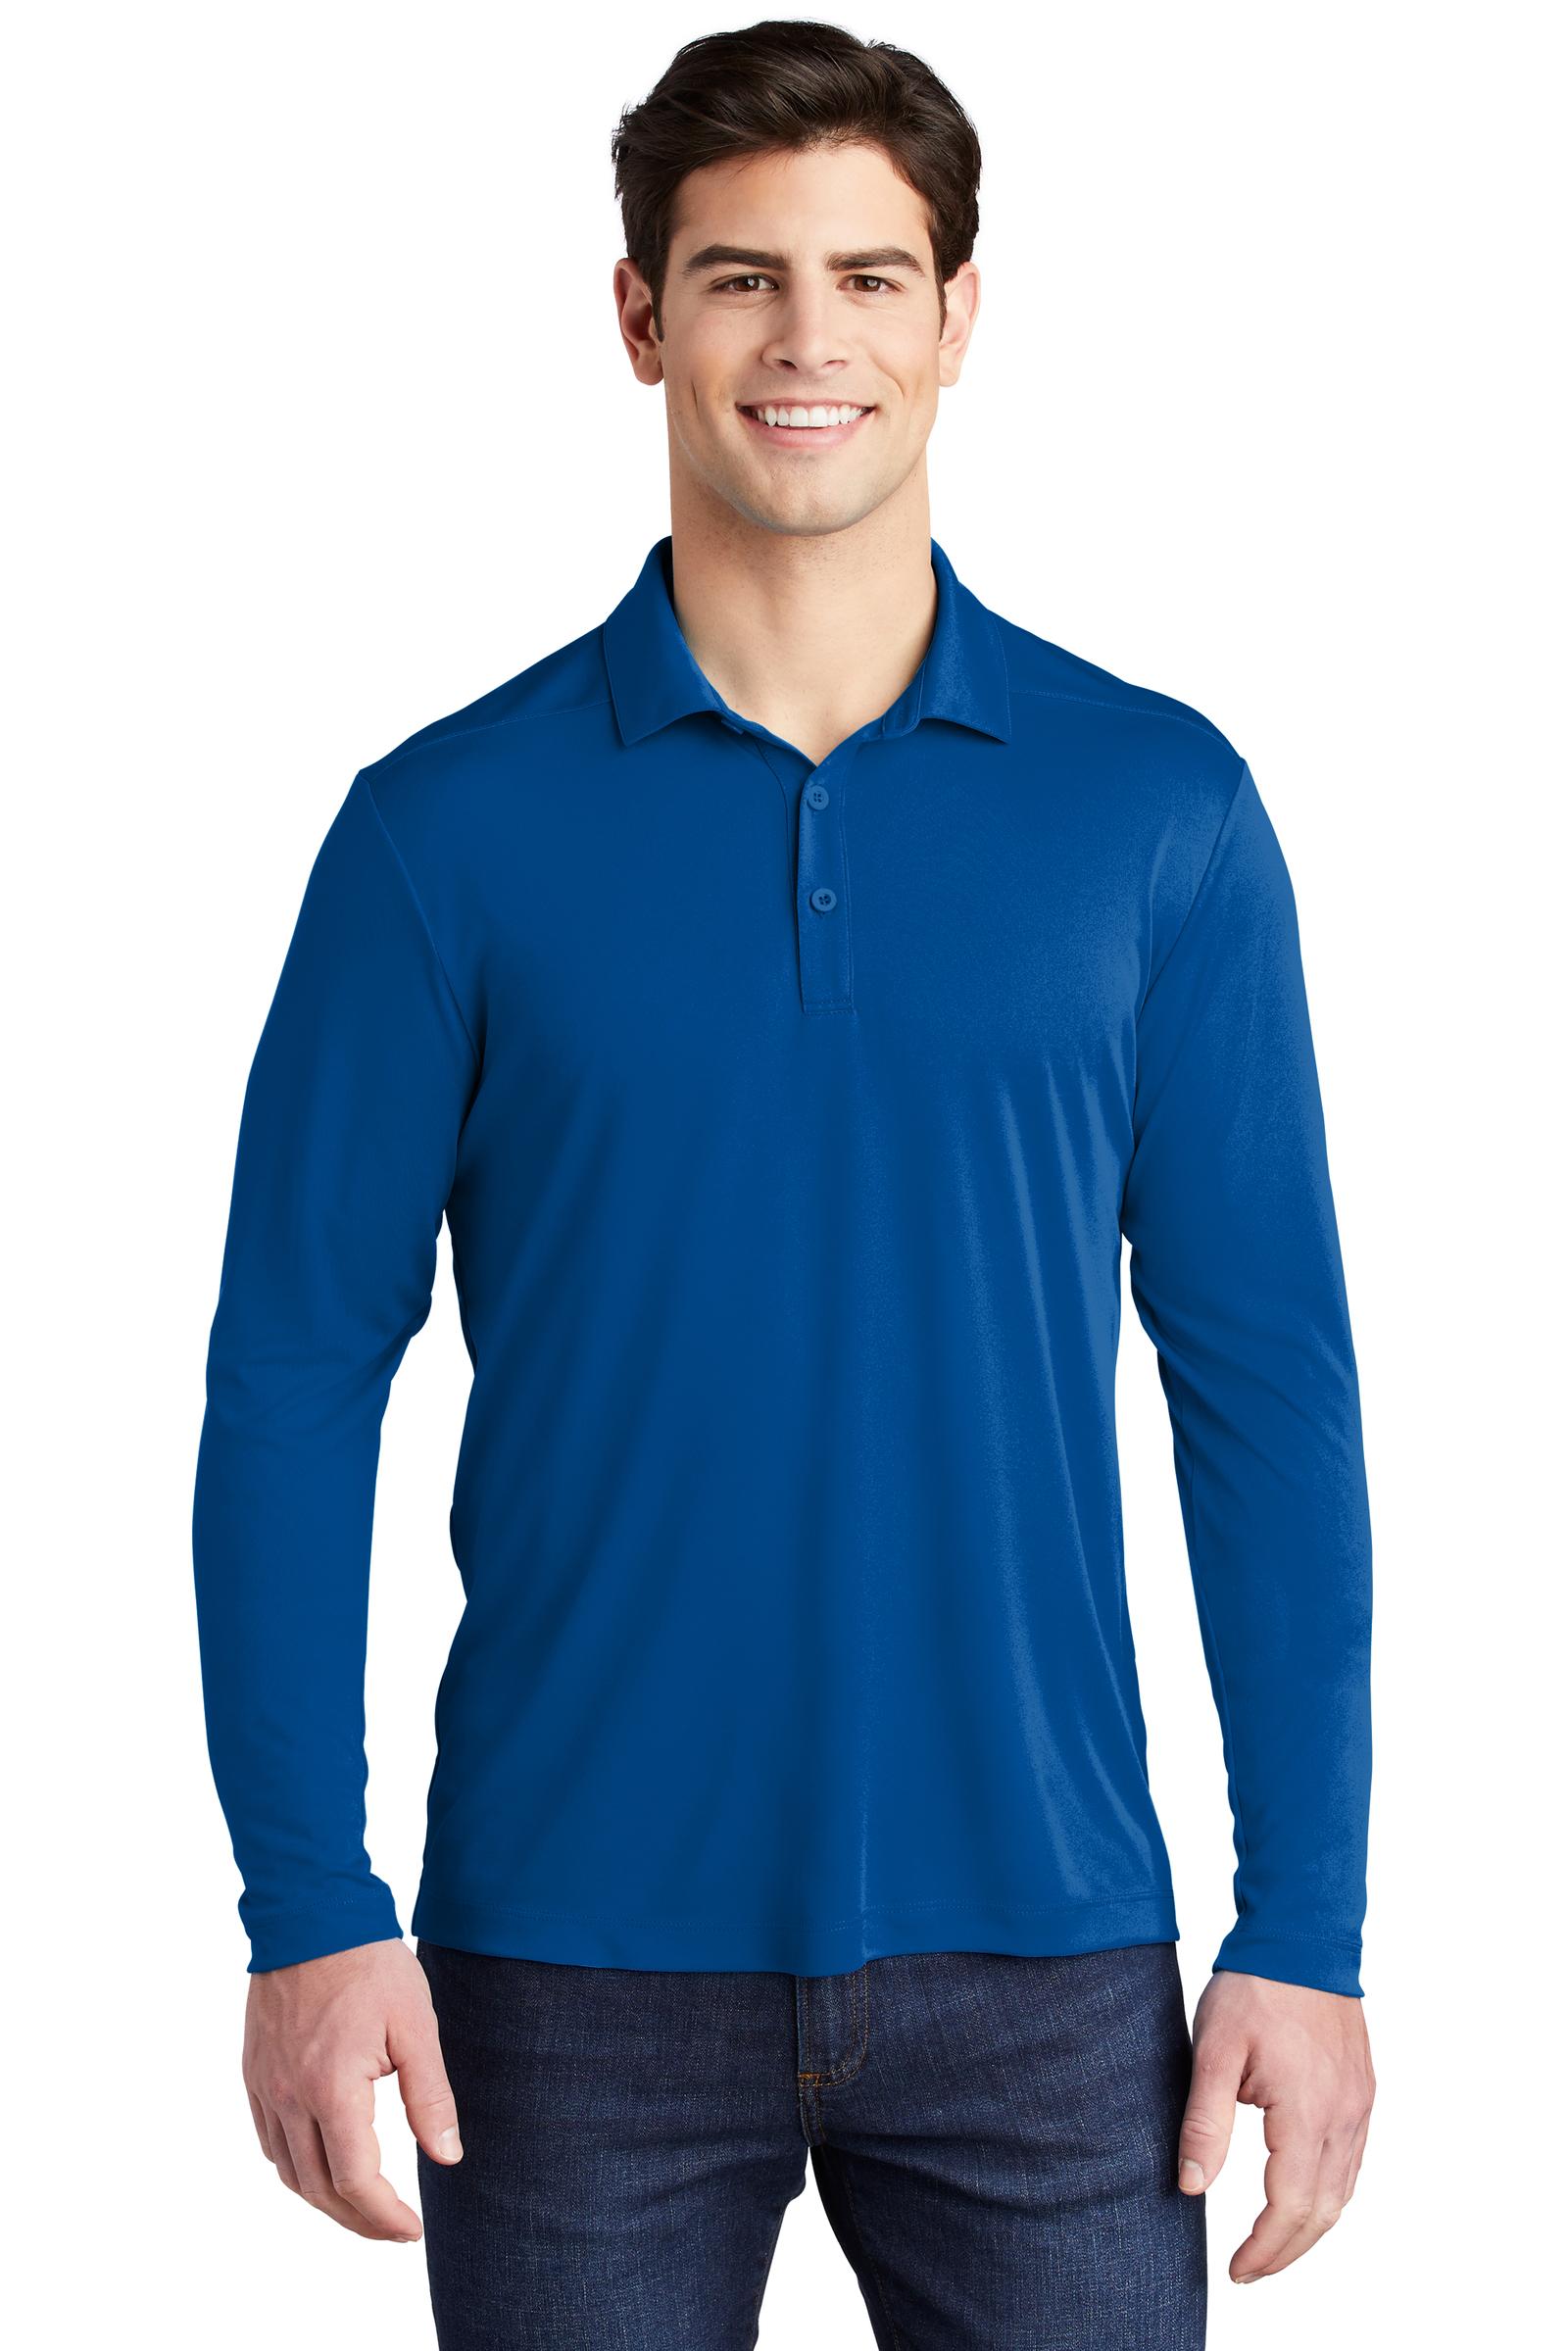 Sport-Tek Embroidered Men's Posi-UV Pro Long Sleeve Polo